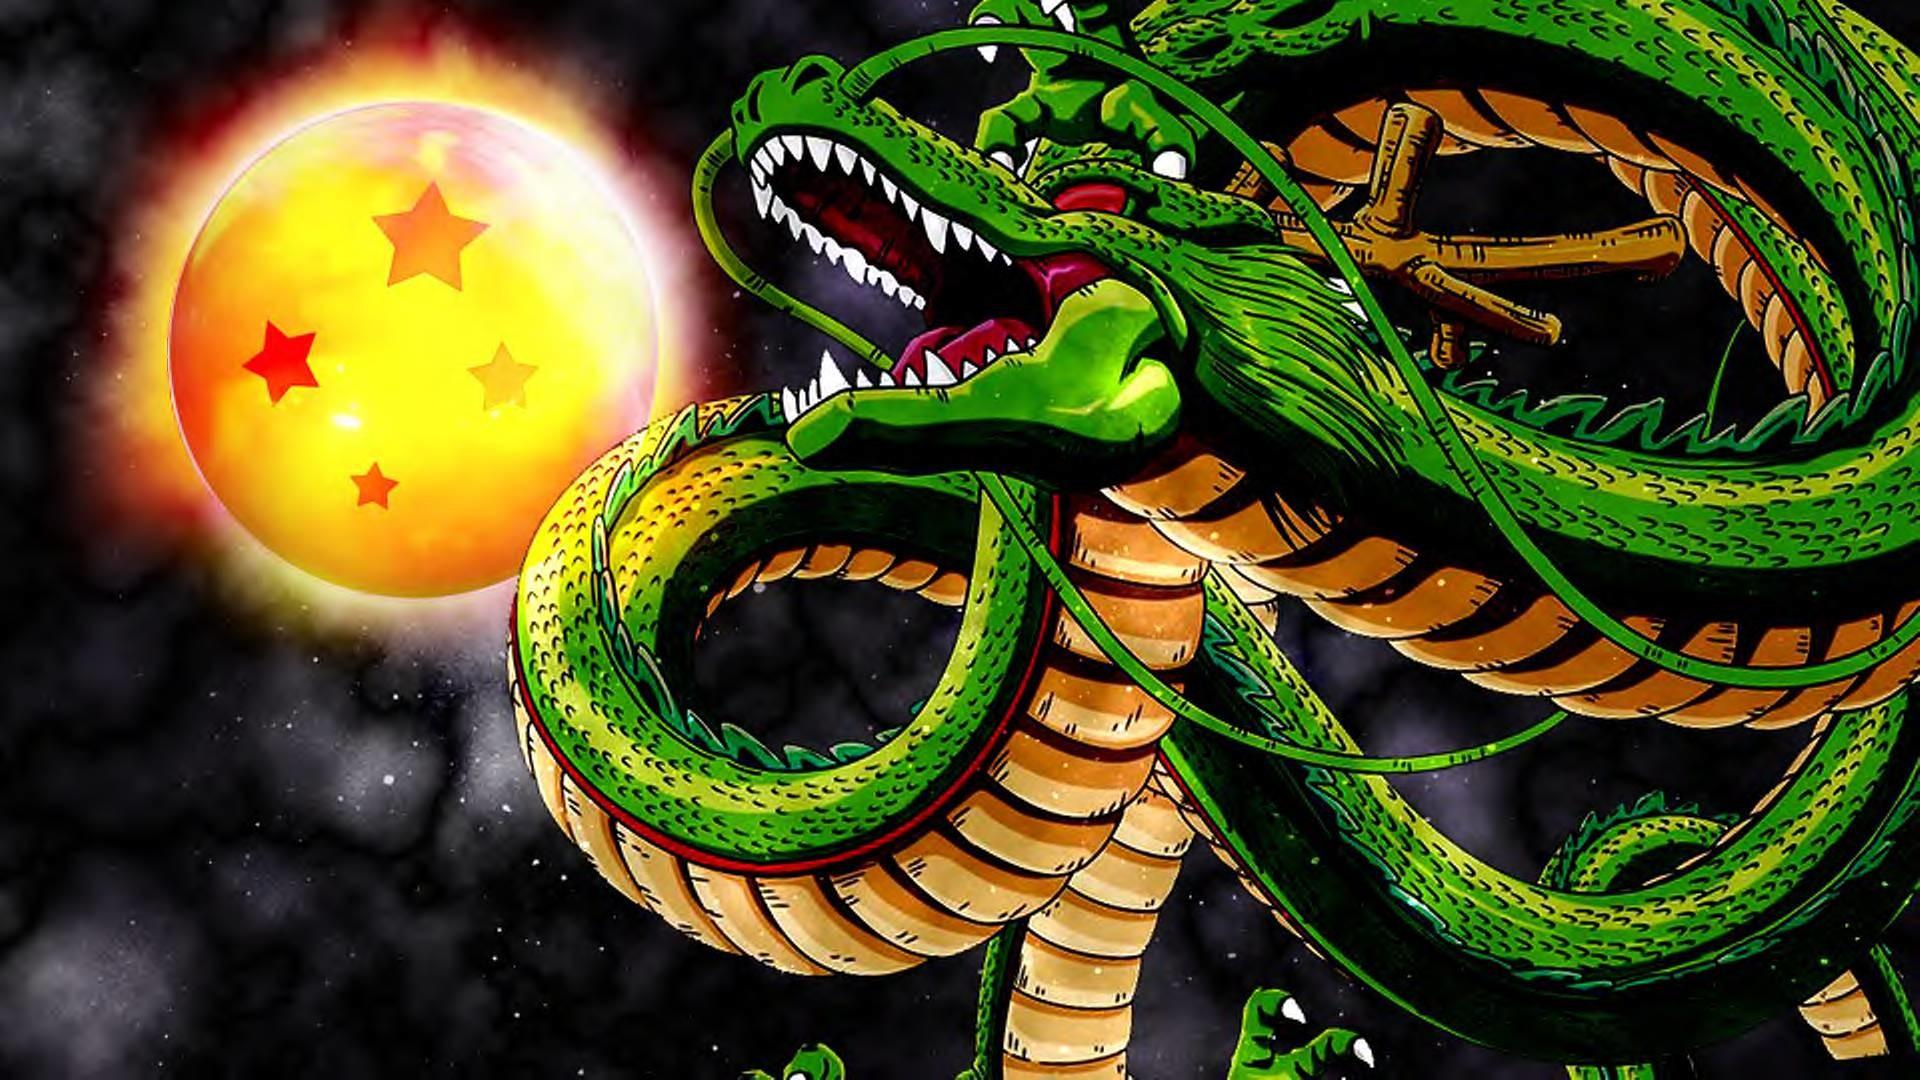 111 Dragon Ball Wallpapers